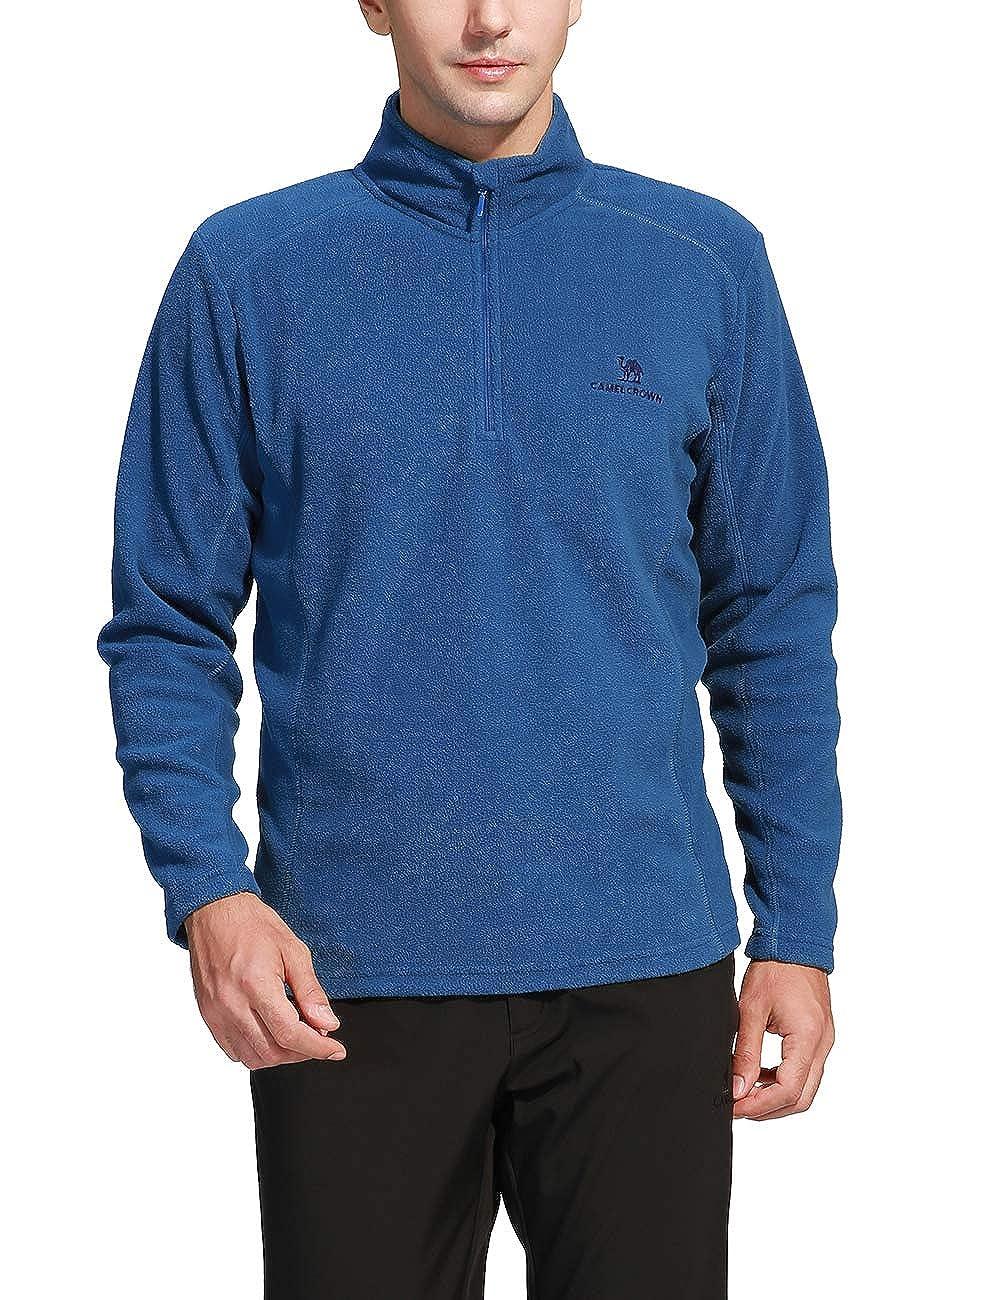 Camel Crown Half Zip Fleece Jacket Men Long Sleeve Pullover Lightweight Outdoor Sweatshirt Z8W203121-CLUS